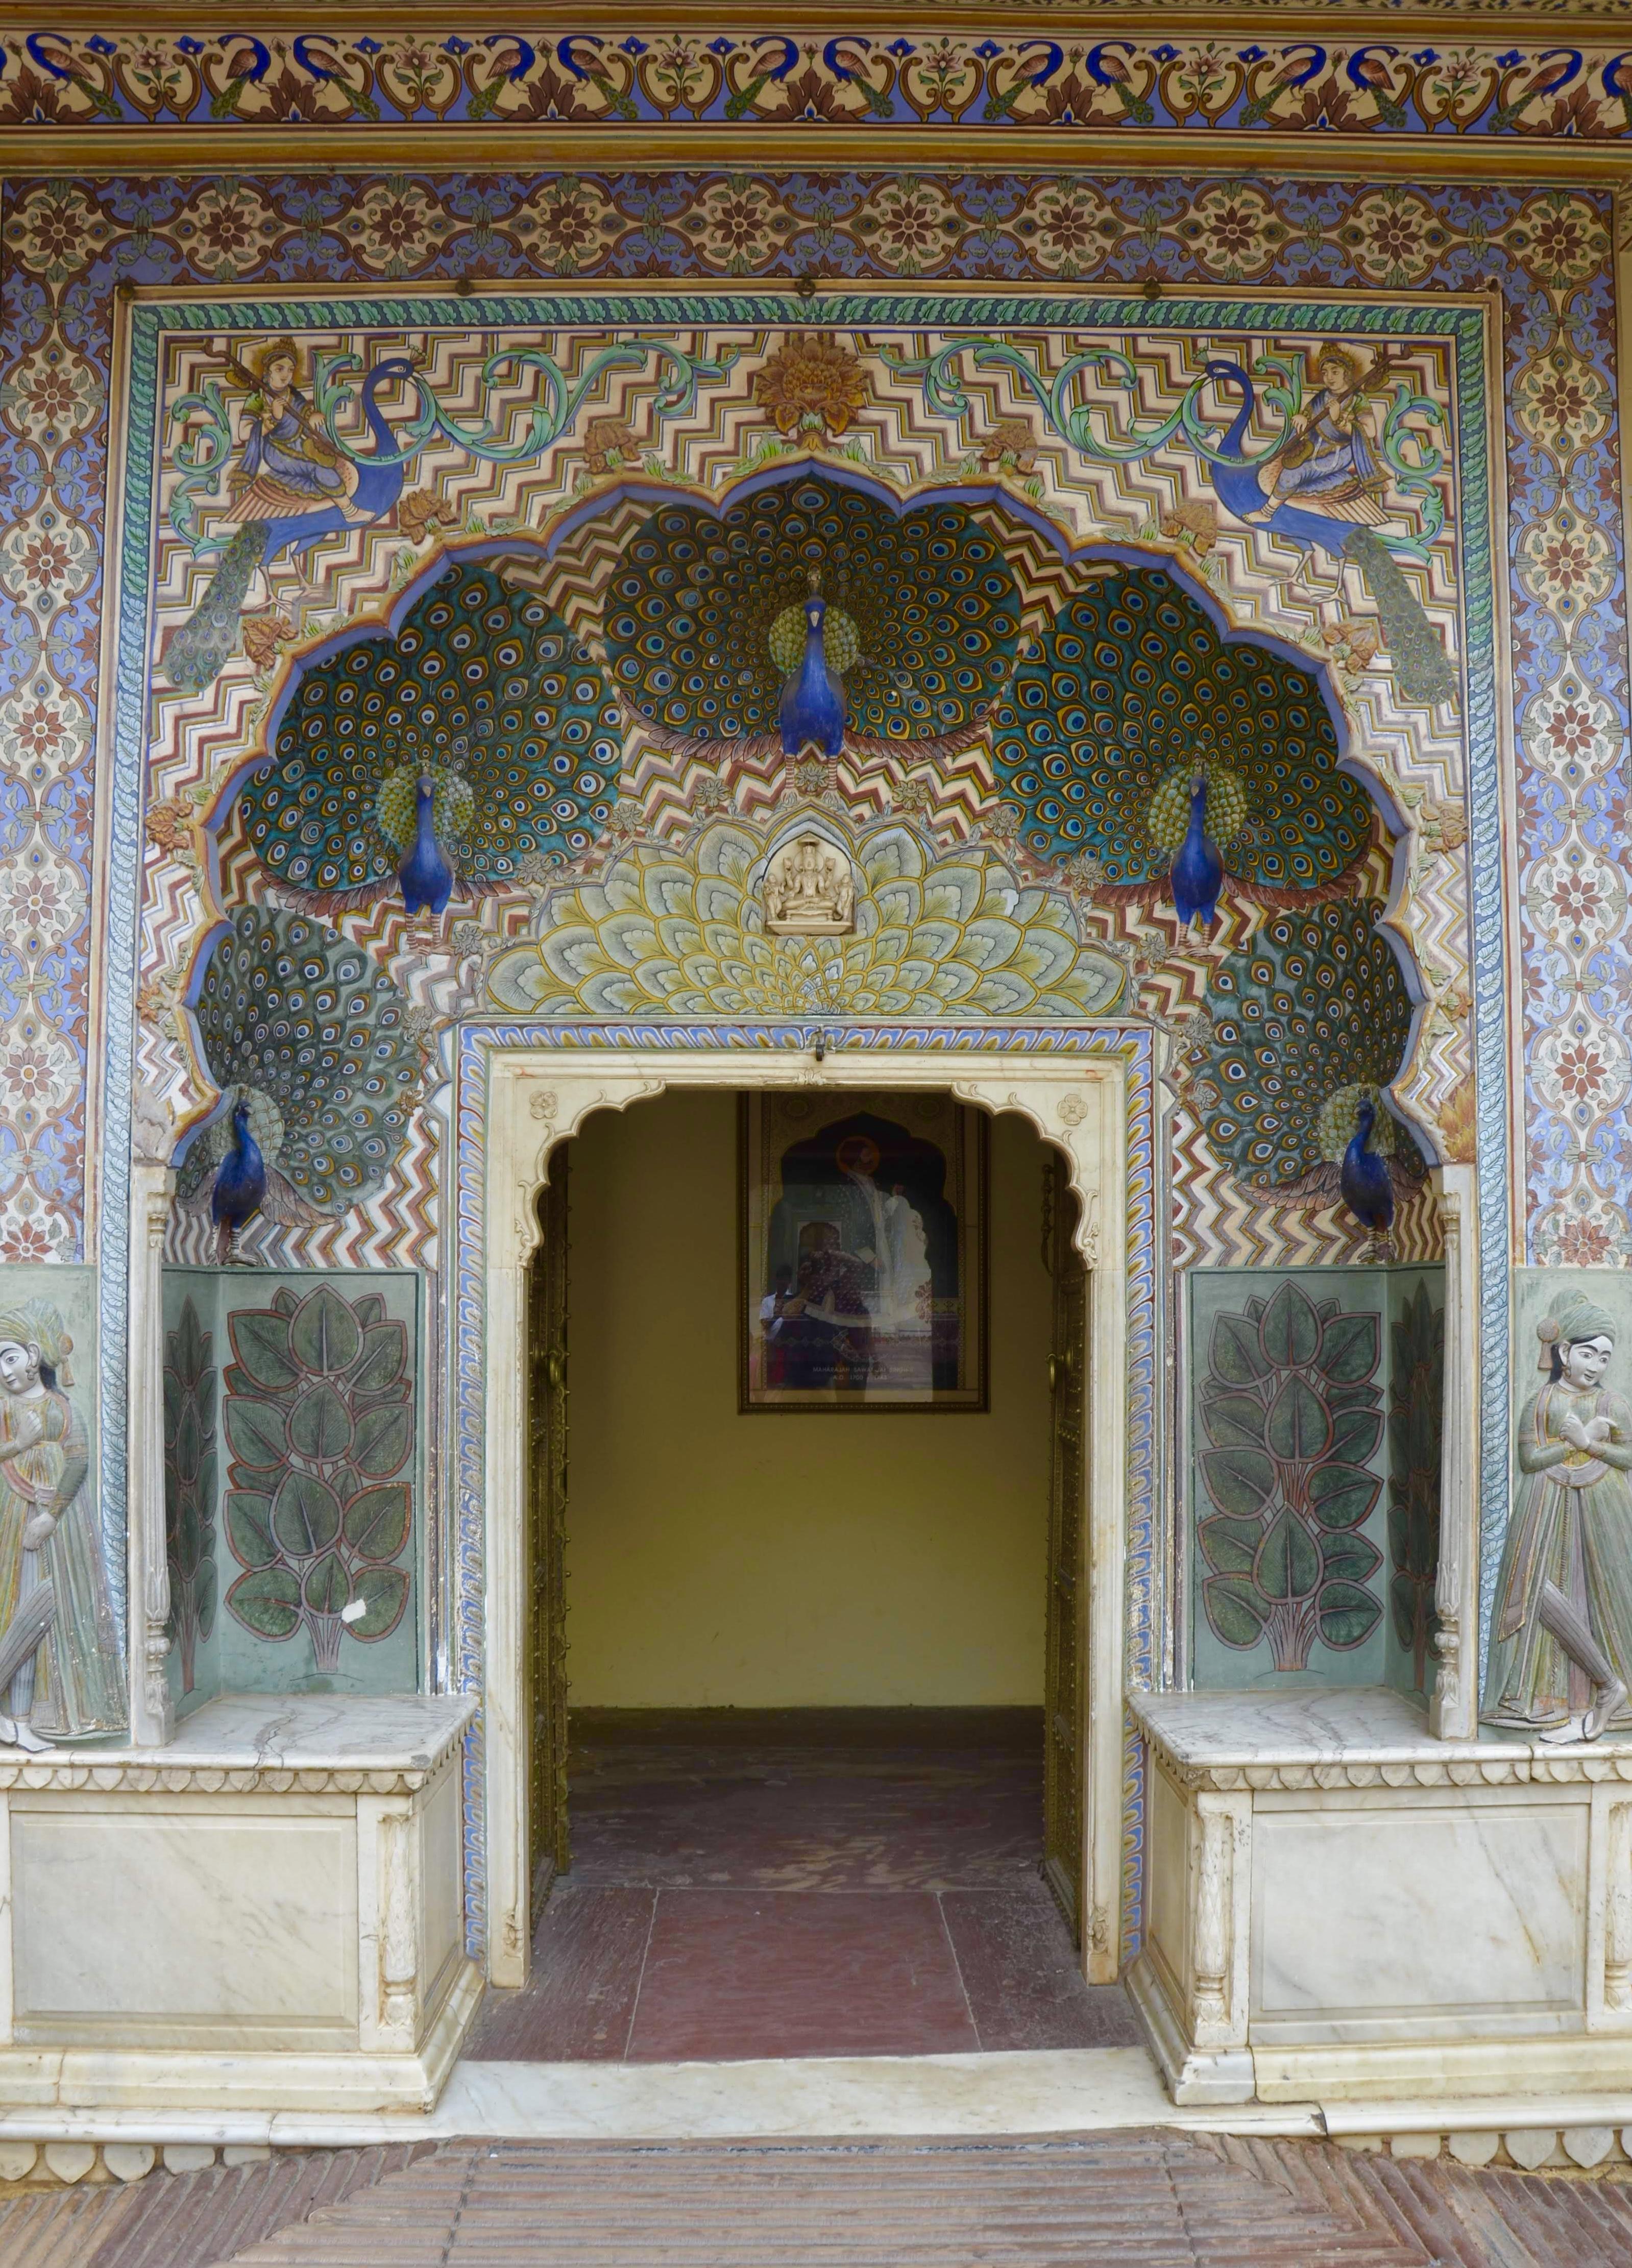 Portão do Pavão no Palácio Real de Jaipur, Peacock Gate City Palace